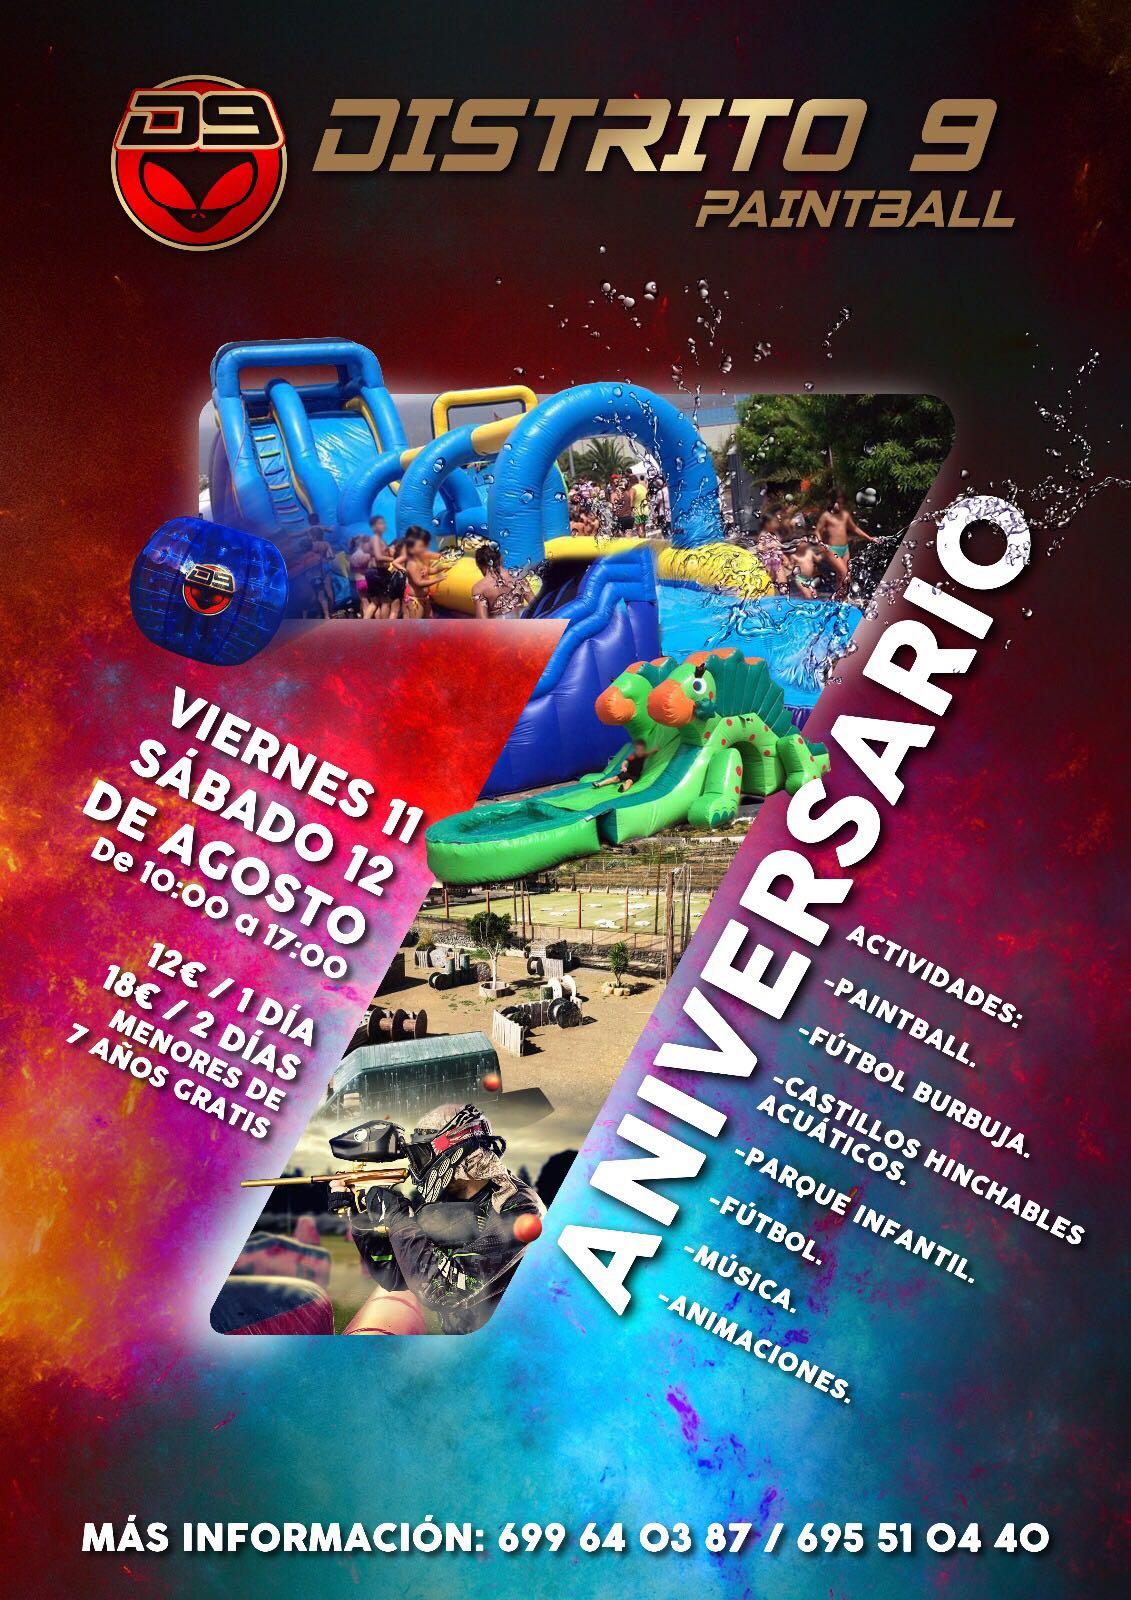 Aniversario Distrito 9 Paintball